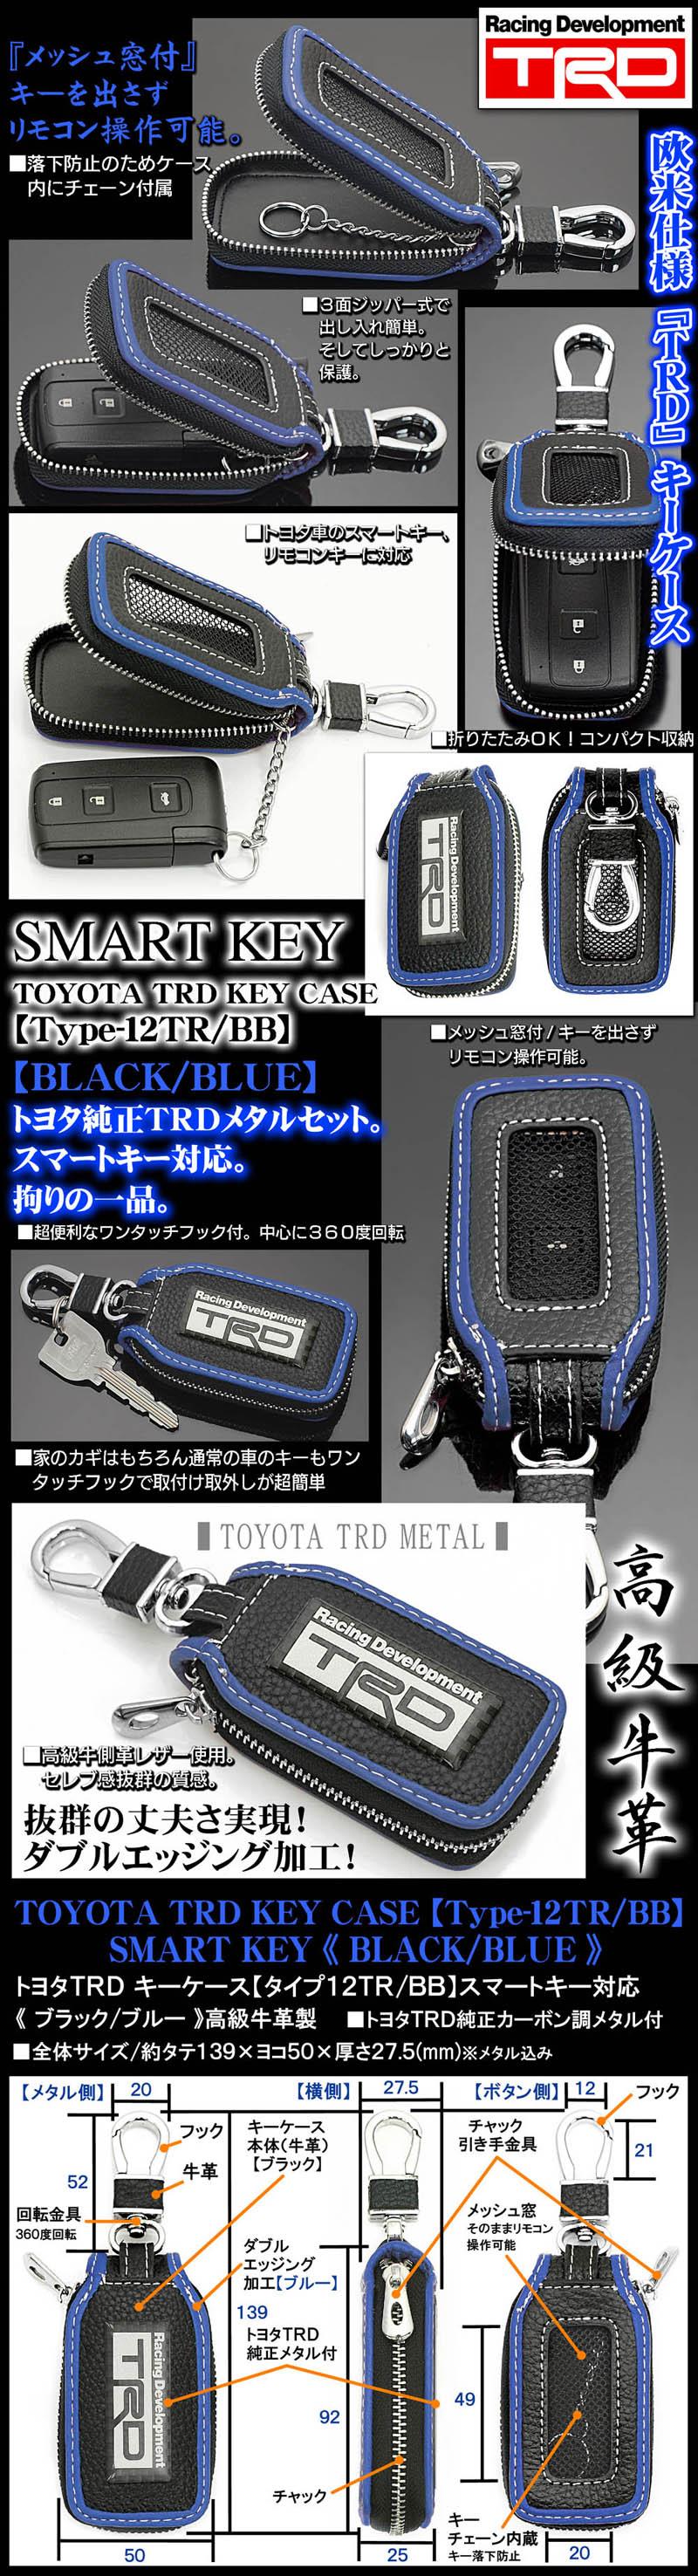 【タイプ12TR/BB】トヨタTRDキーケース《ブラック/ブルー》TRDカーボン調メタル,キーホルダー,窓付/スマートキー対応/牛革製/ブラガ